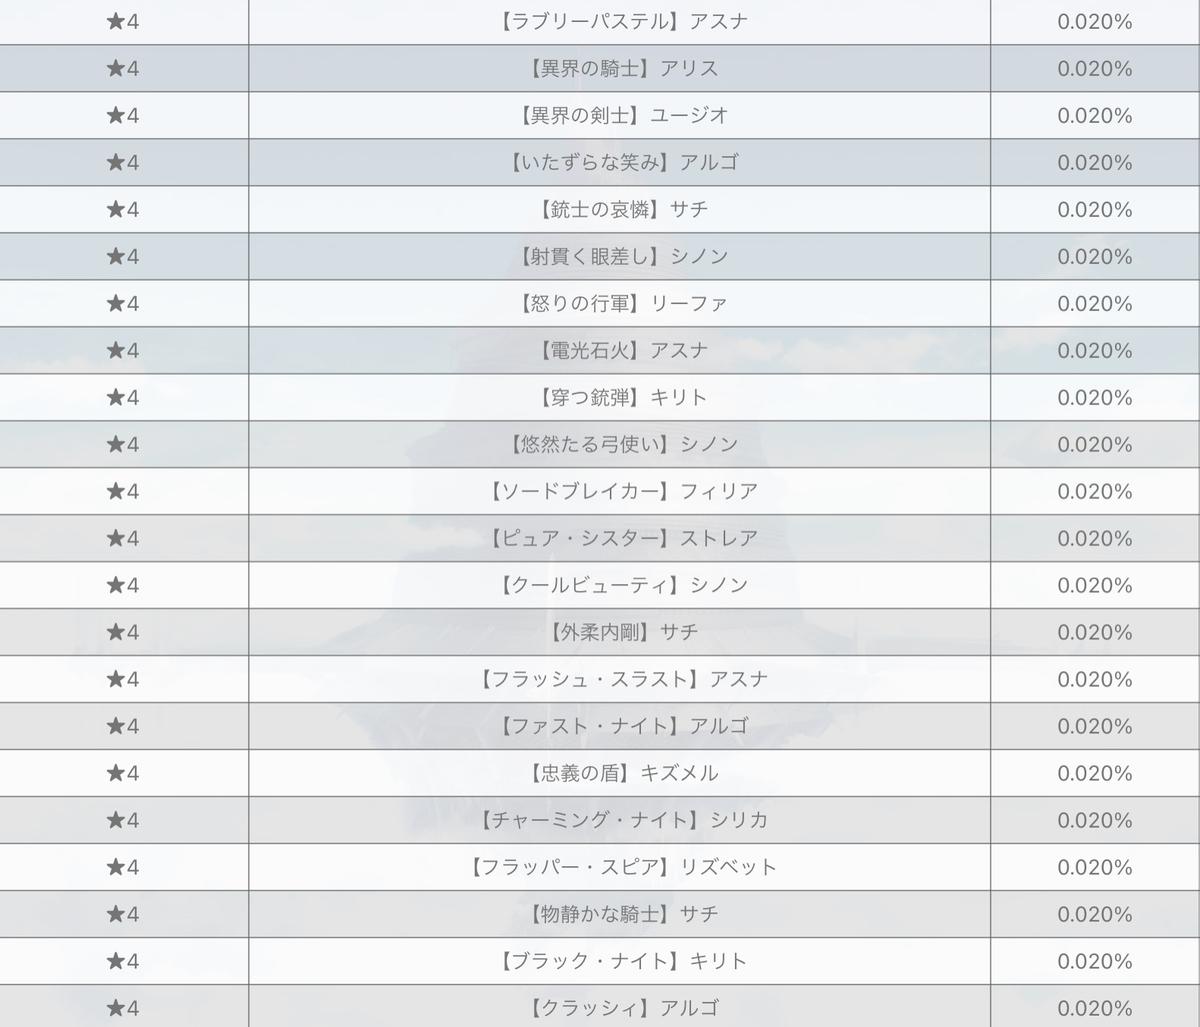 f:id:yukiyukiki3939:20201226152219j:plain